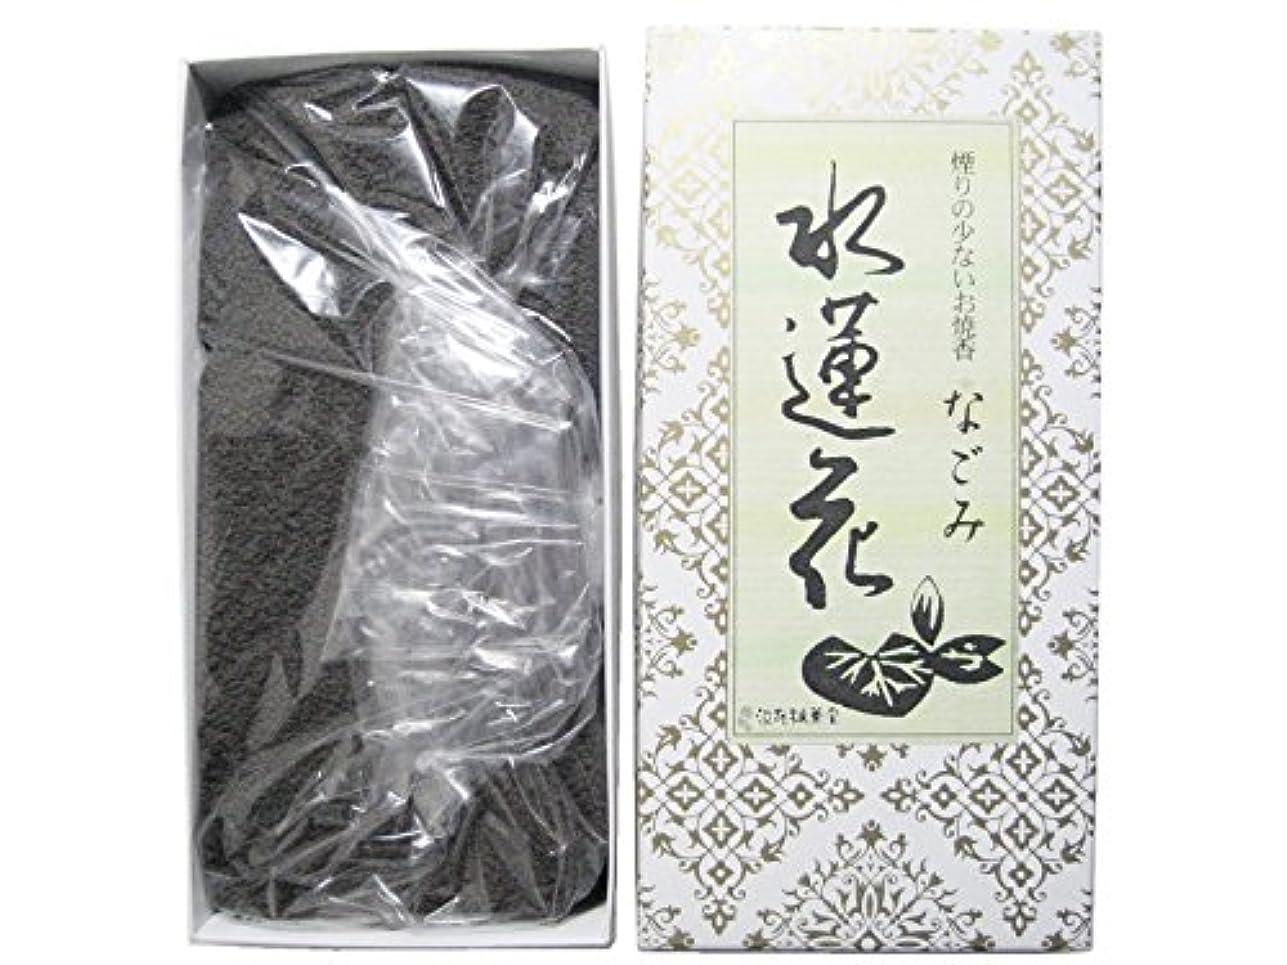 淡路梅薫堂のお香 煙の少ないお焼香 なごみ 水蓮花 500g×5箱 #931